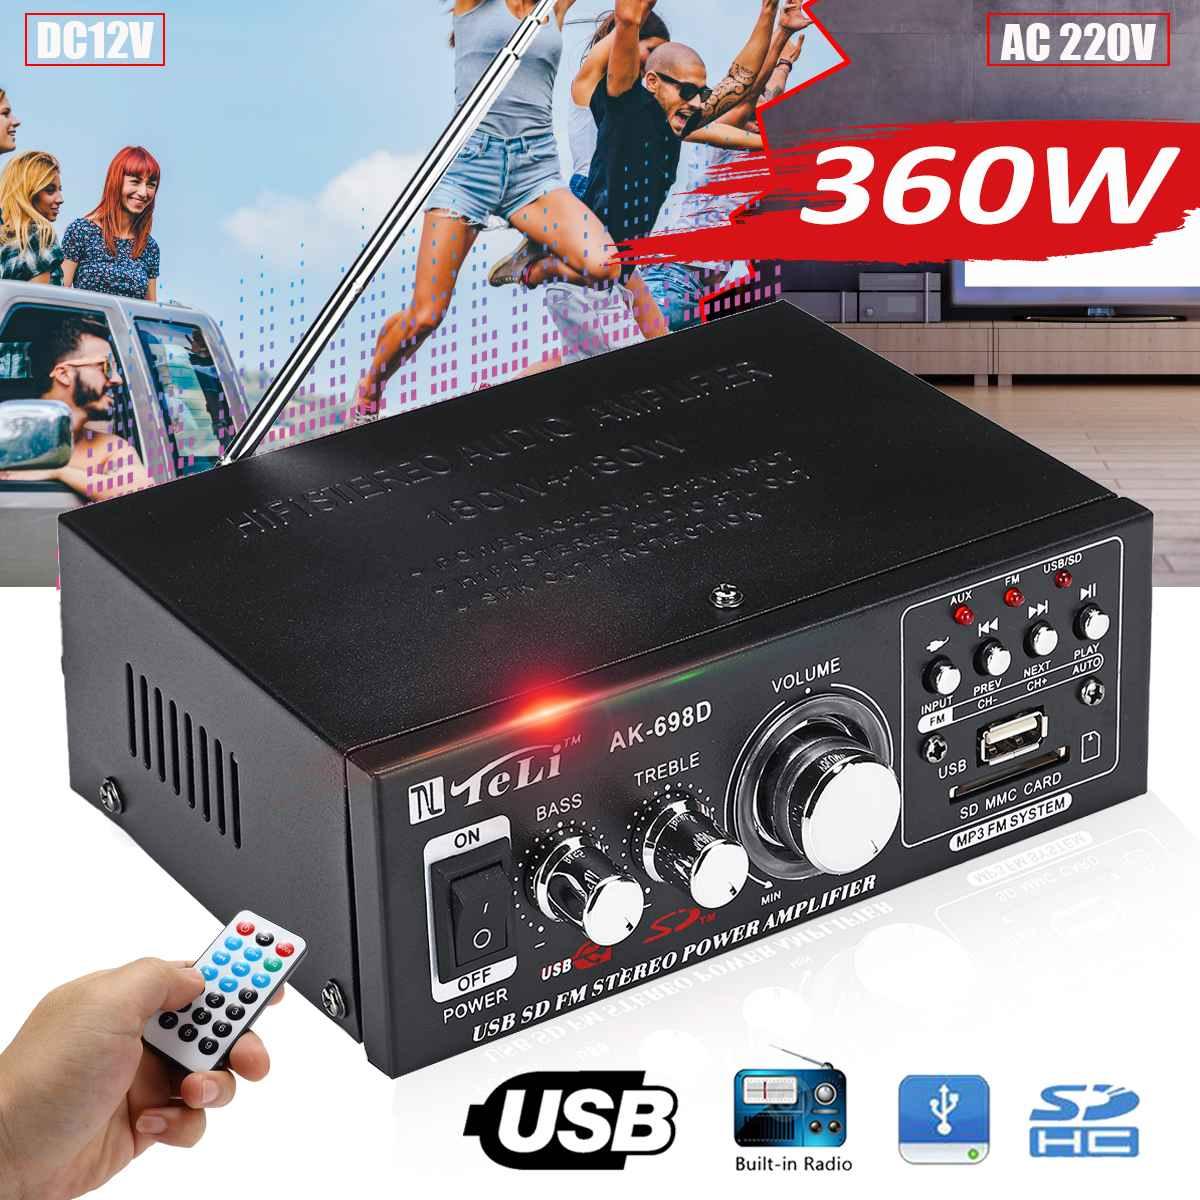 360 w 12 v/220 v HIFI Mini Amplificatore Audio di Potenza Stereo Giocatore di Musica di FM Radio 2CH USB/ SD Auto Amplificador Home Theater Amplificatori